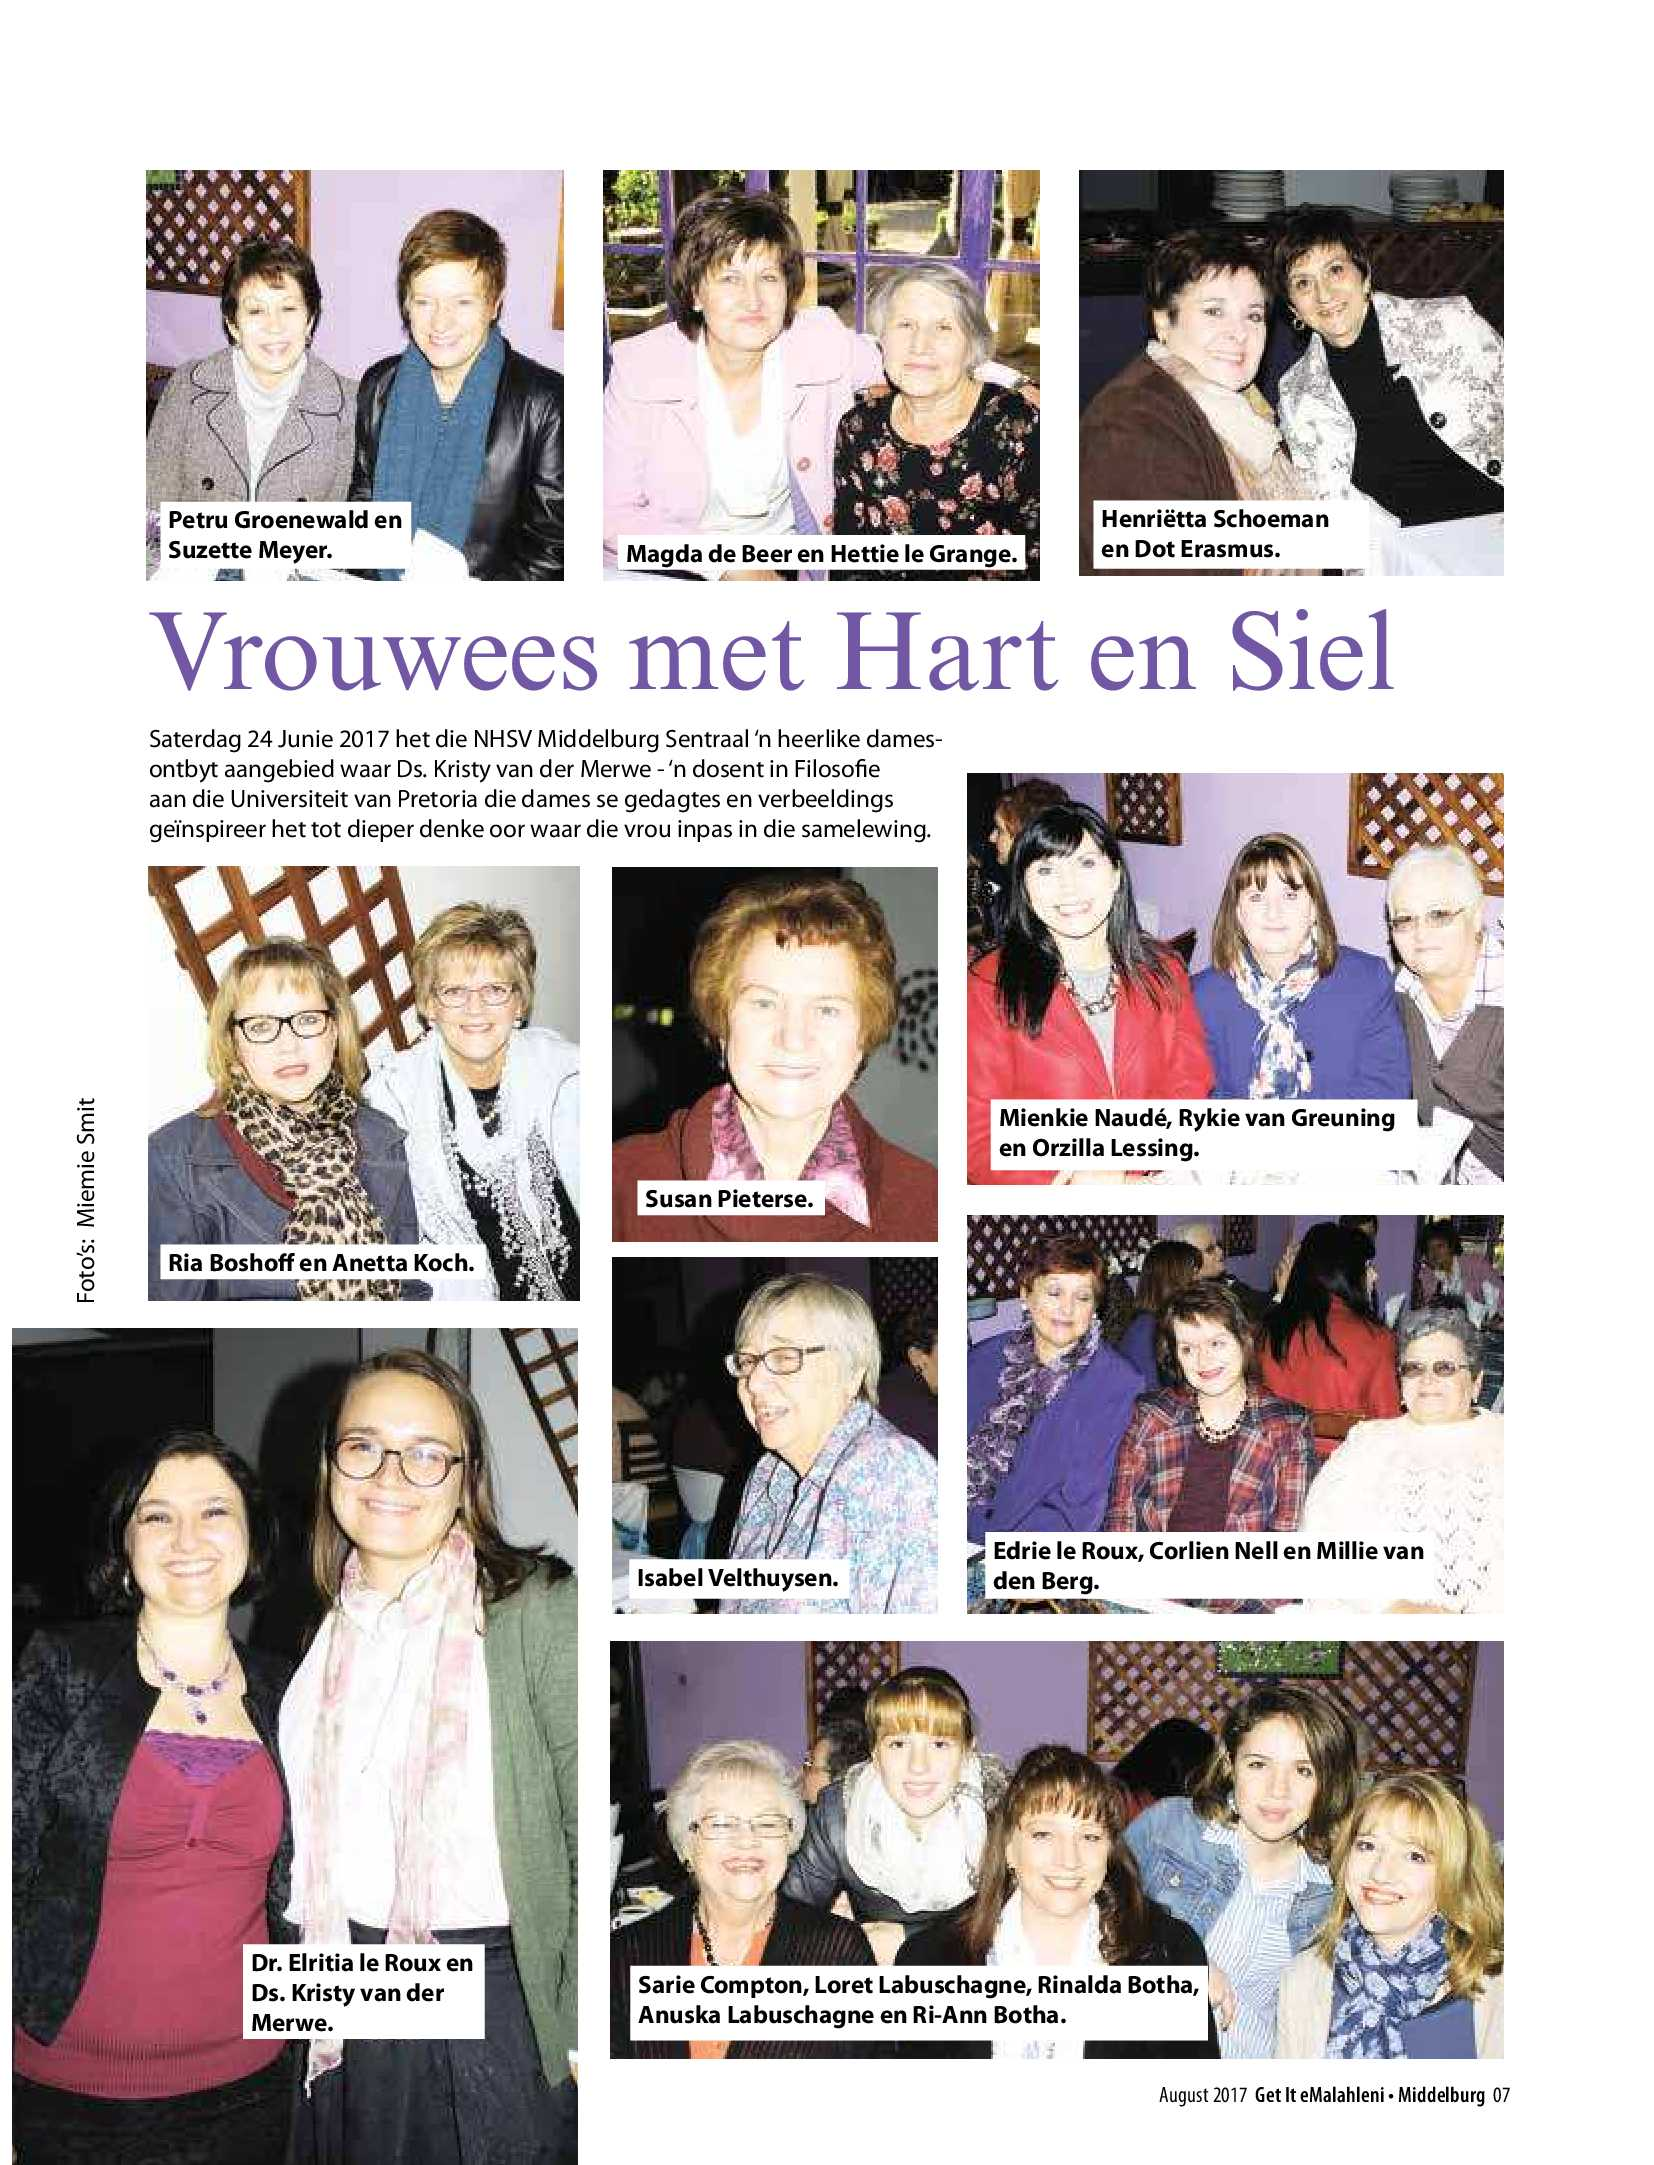 get-middelburg-august-2017-epapers-page-9